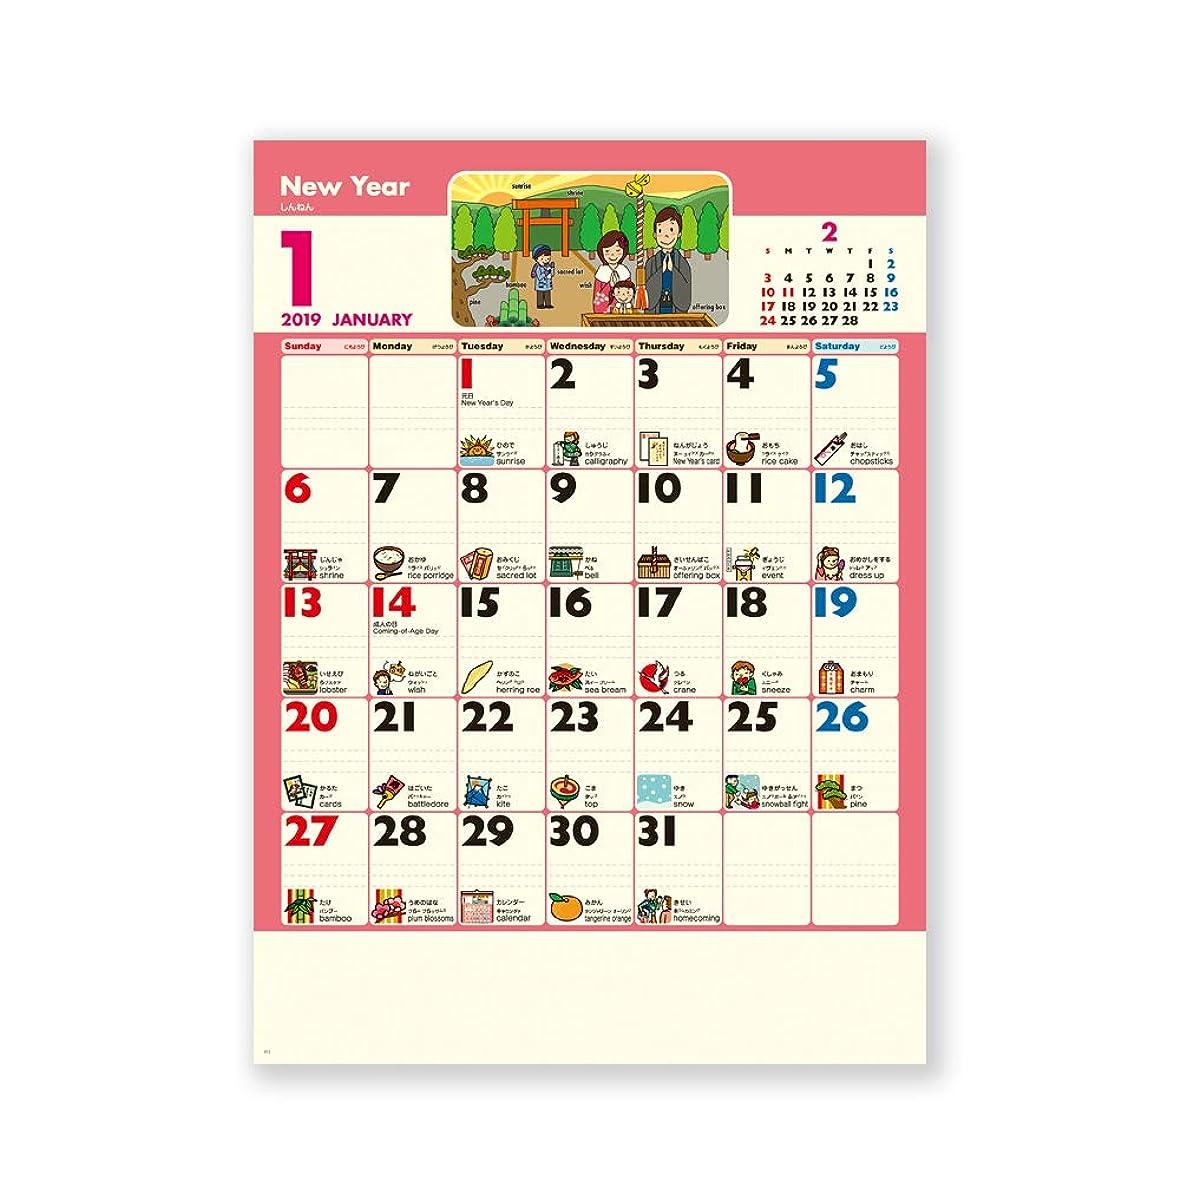 起訴する一時停止気づく新日本カレンダー 2019年 デイリーイングリッシュ カレンダー 壁掛け NK82 (2019年 1月始まり)